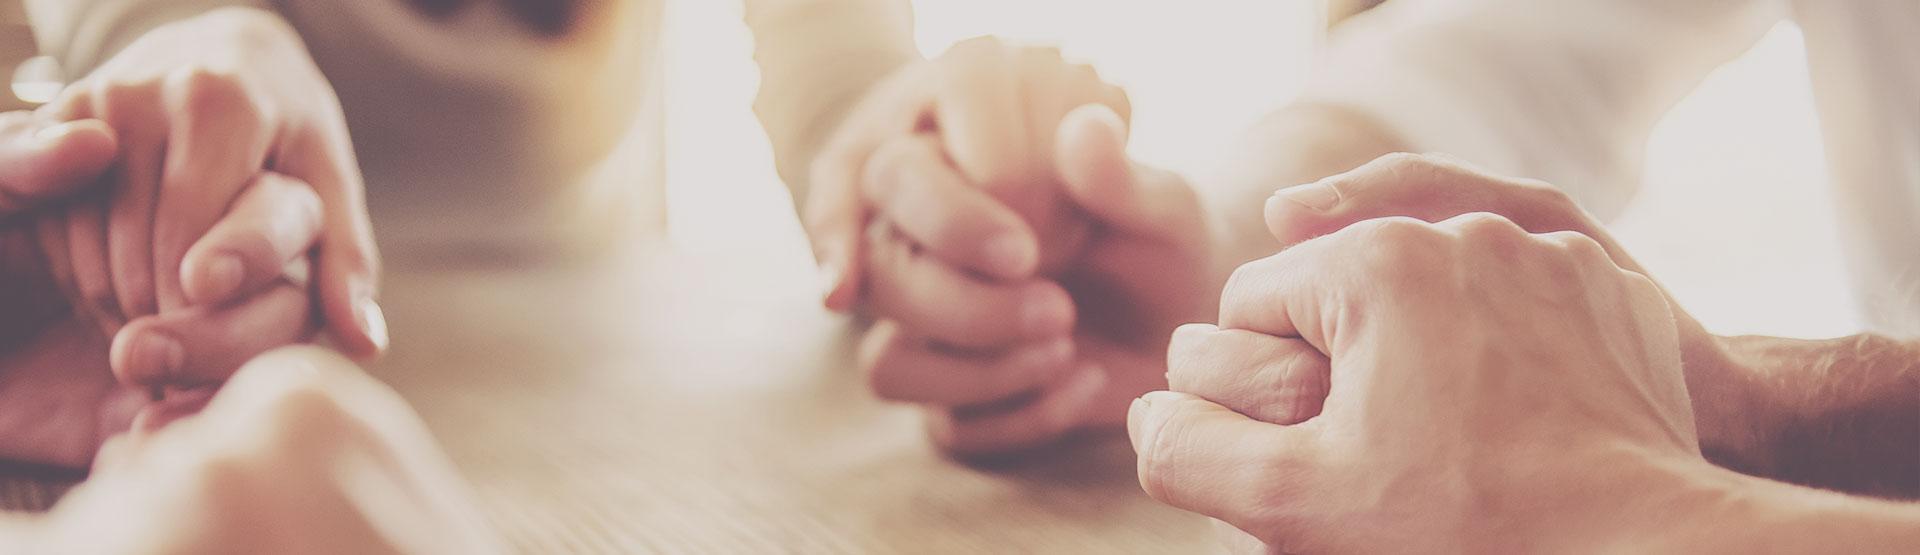 Crenças, espiritualidade e concepção de fé no tratamento da dor